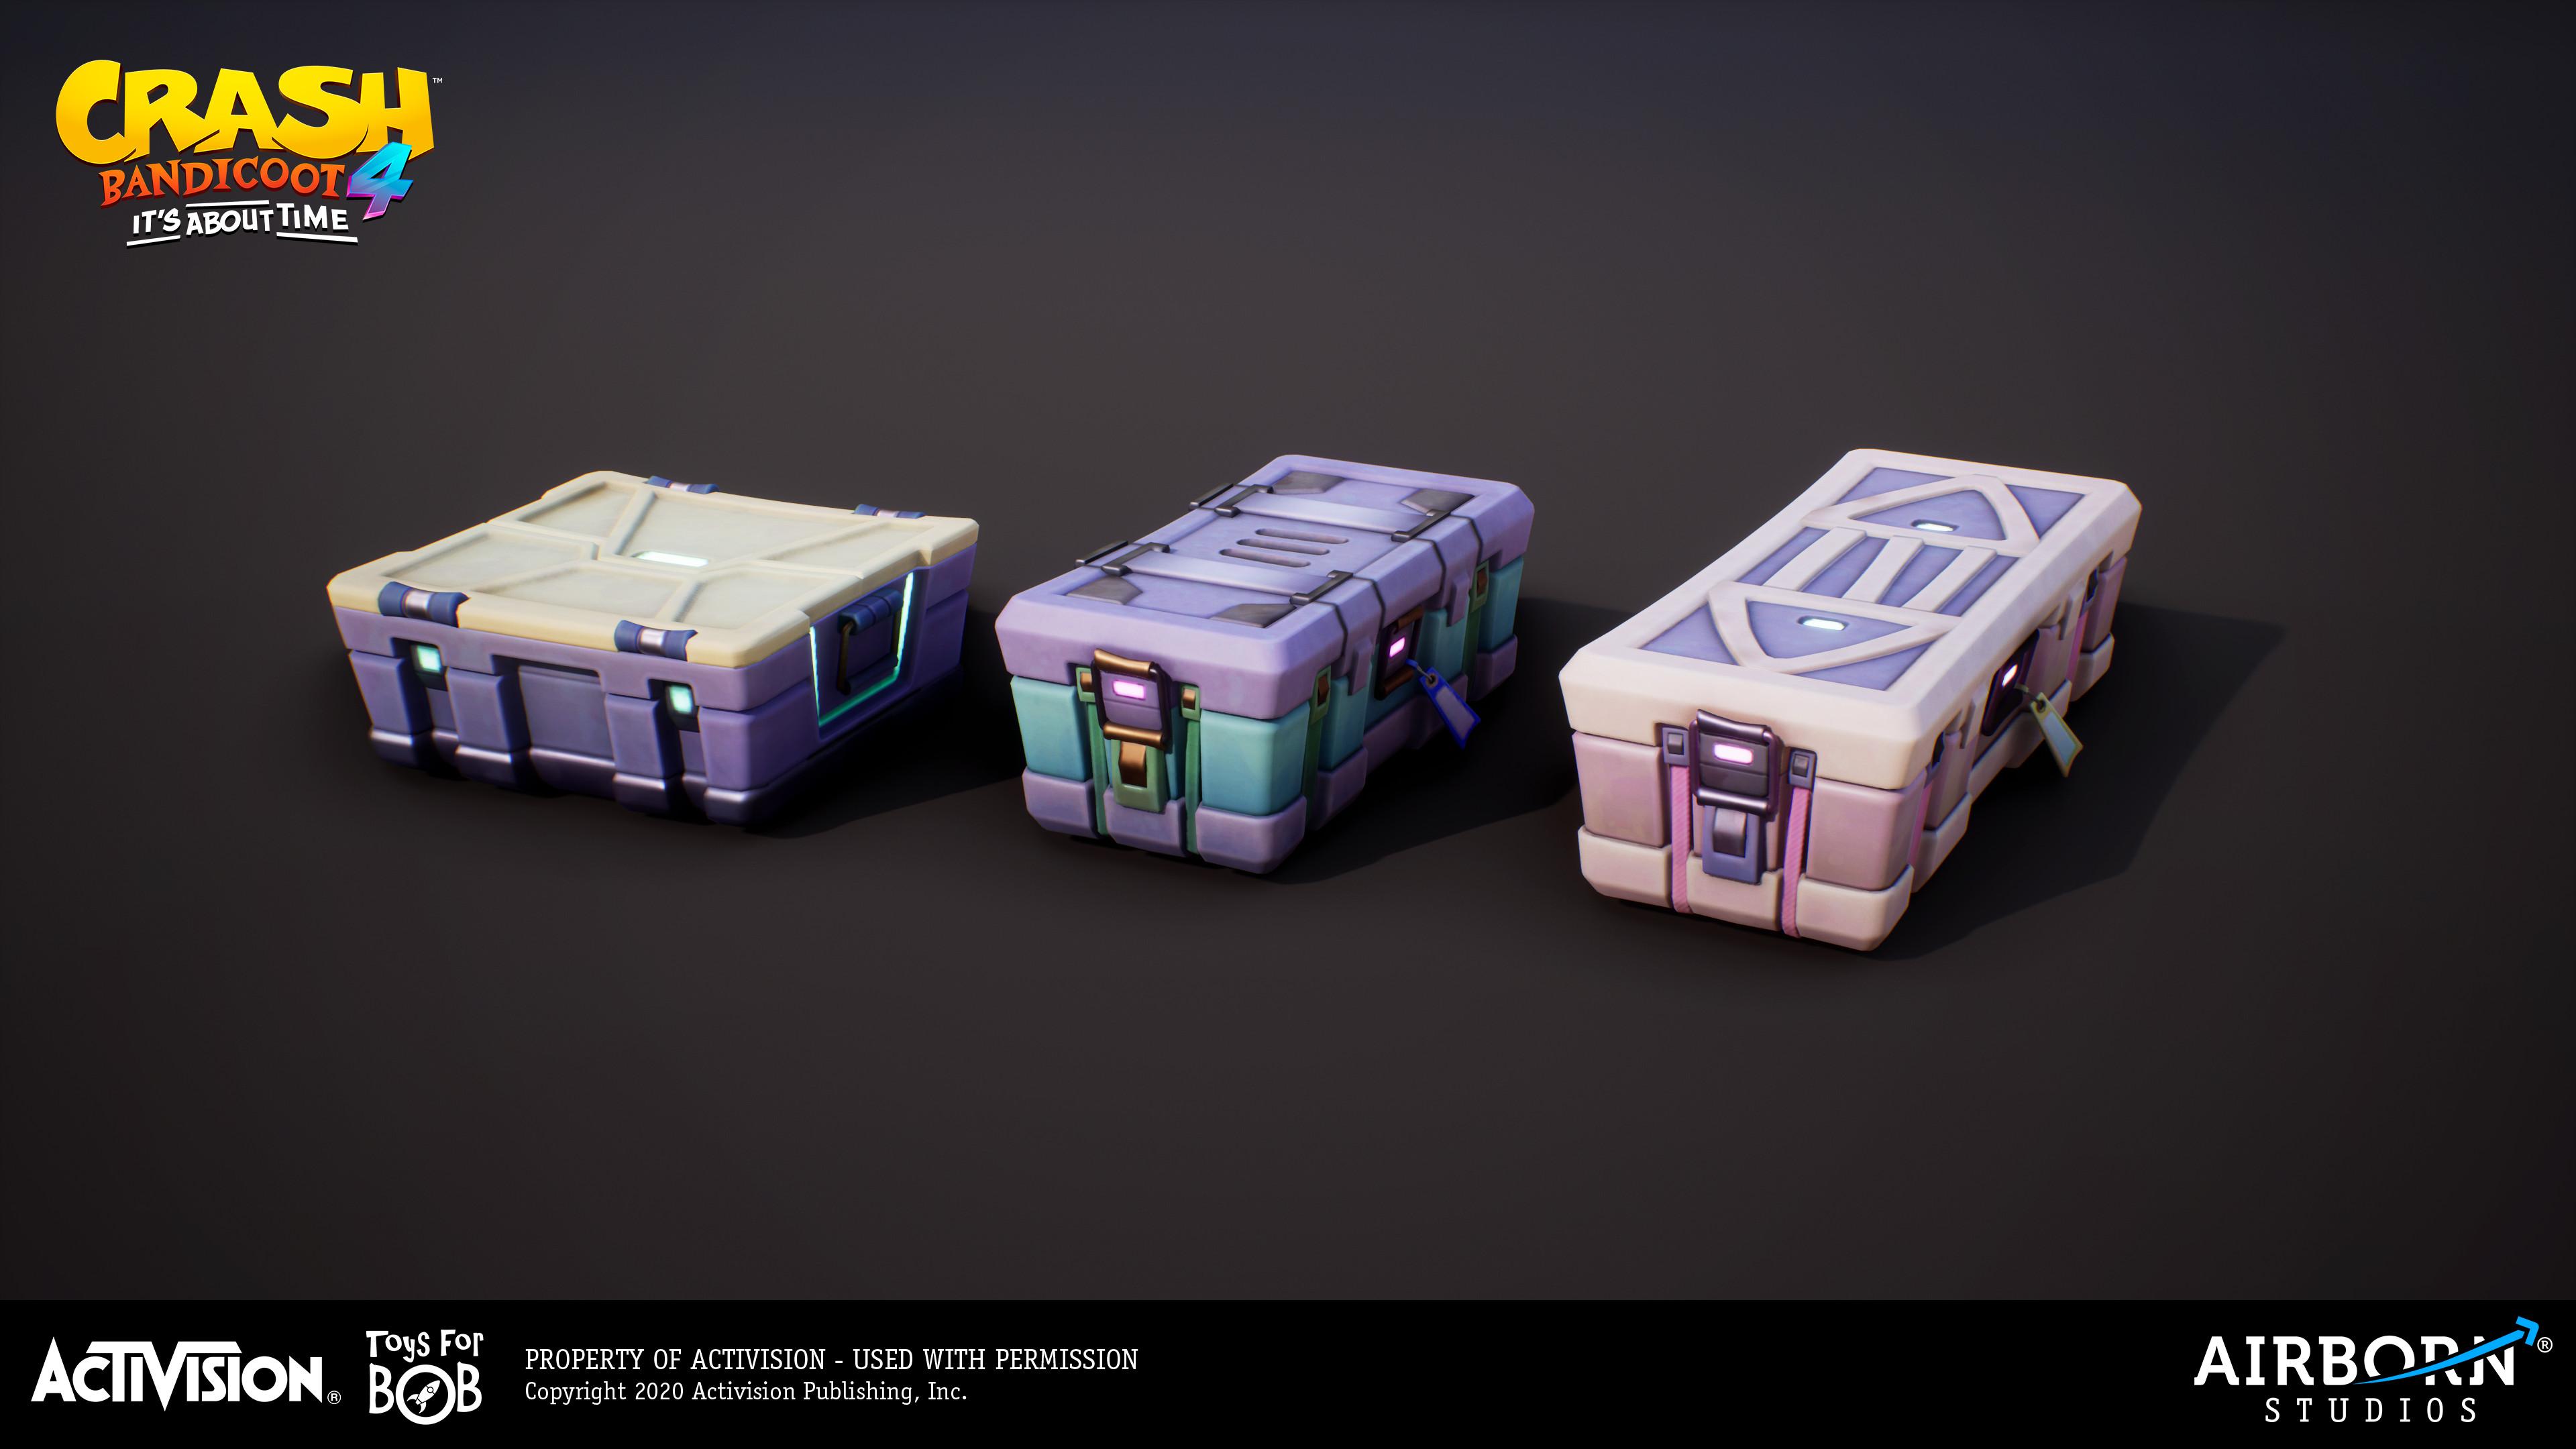 Crates by Frédéric Fouque